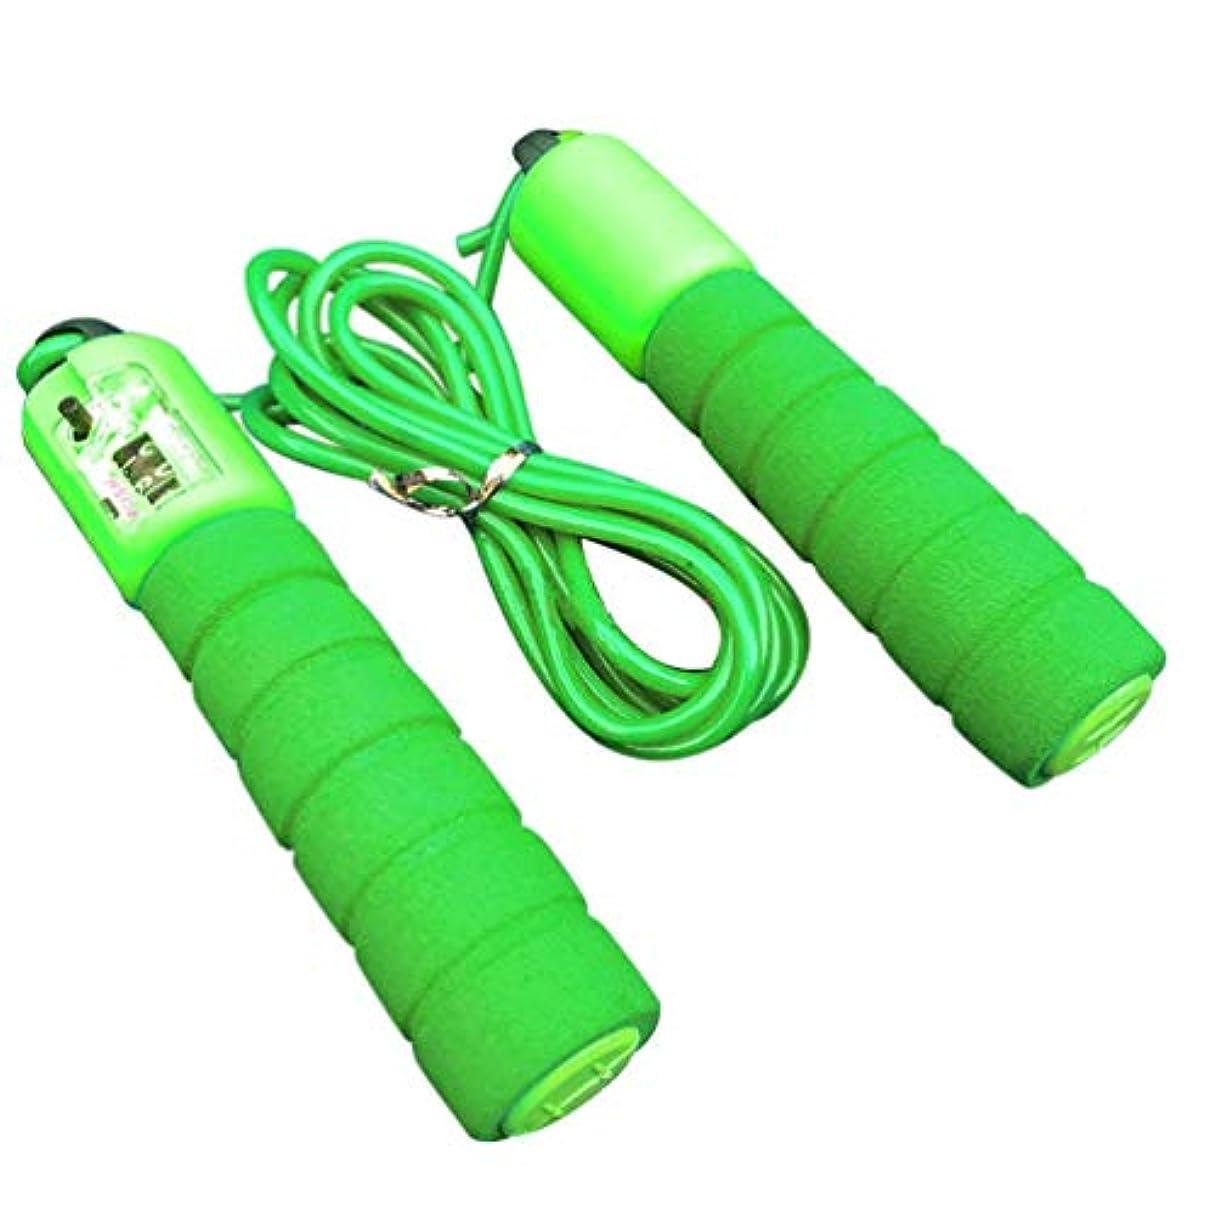 扇動する時間あえて調節可能なプロフェッショナルカウント縄跳び自動カウントジャンプロープフィットネス運動高速カウントジャンプロープ - グリーン